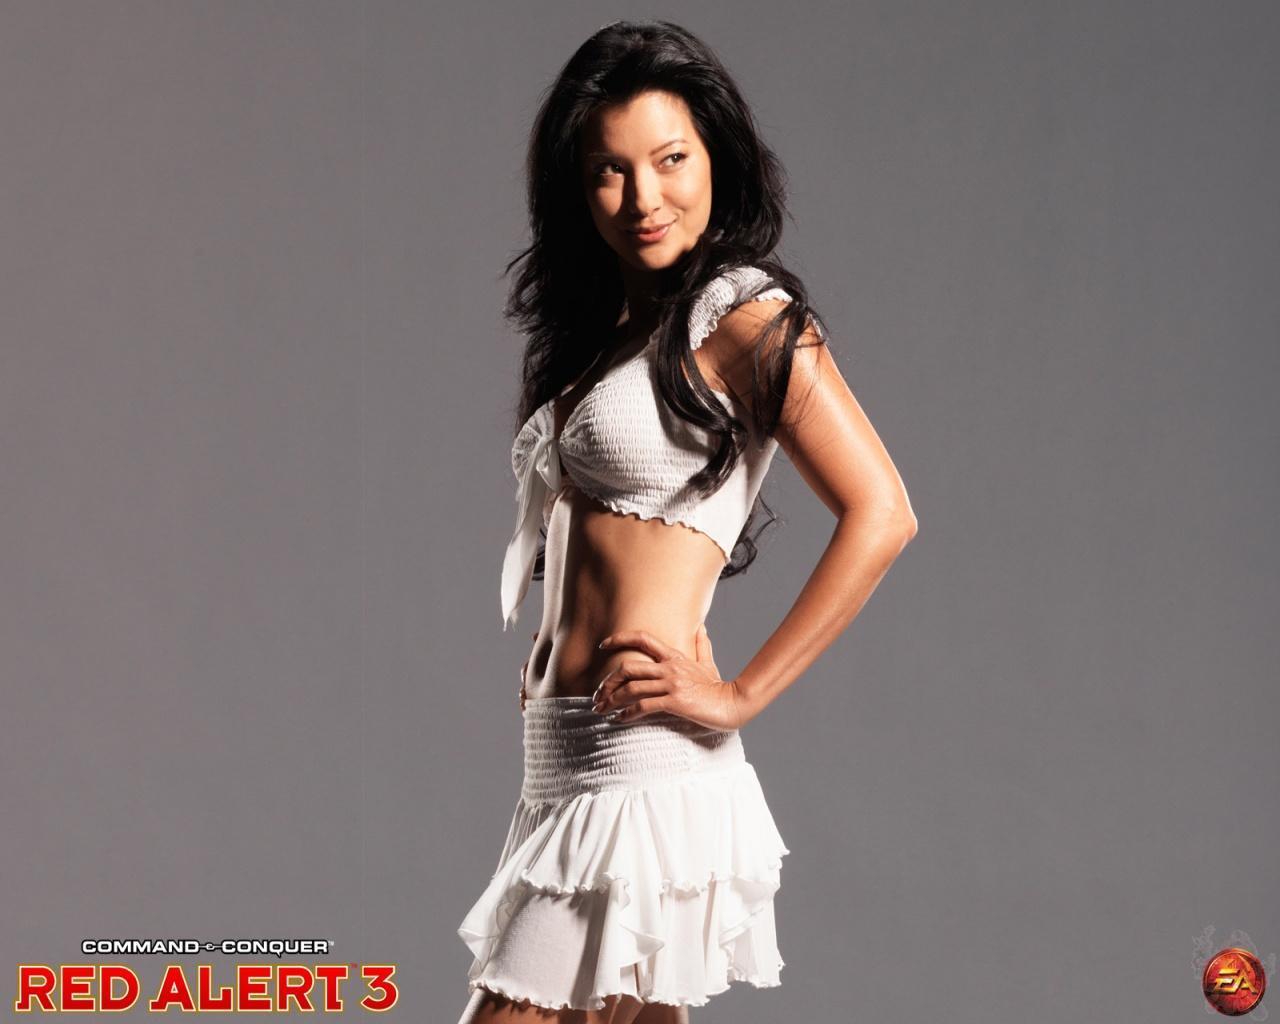 Kelly Hu Hot Wallpapers Fun Hungama